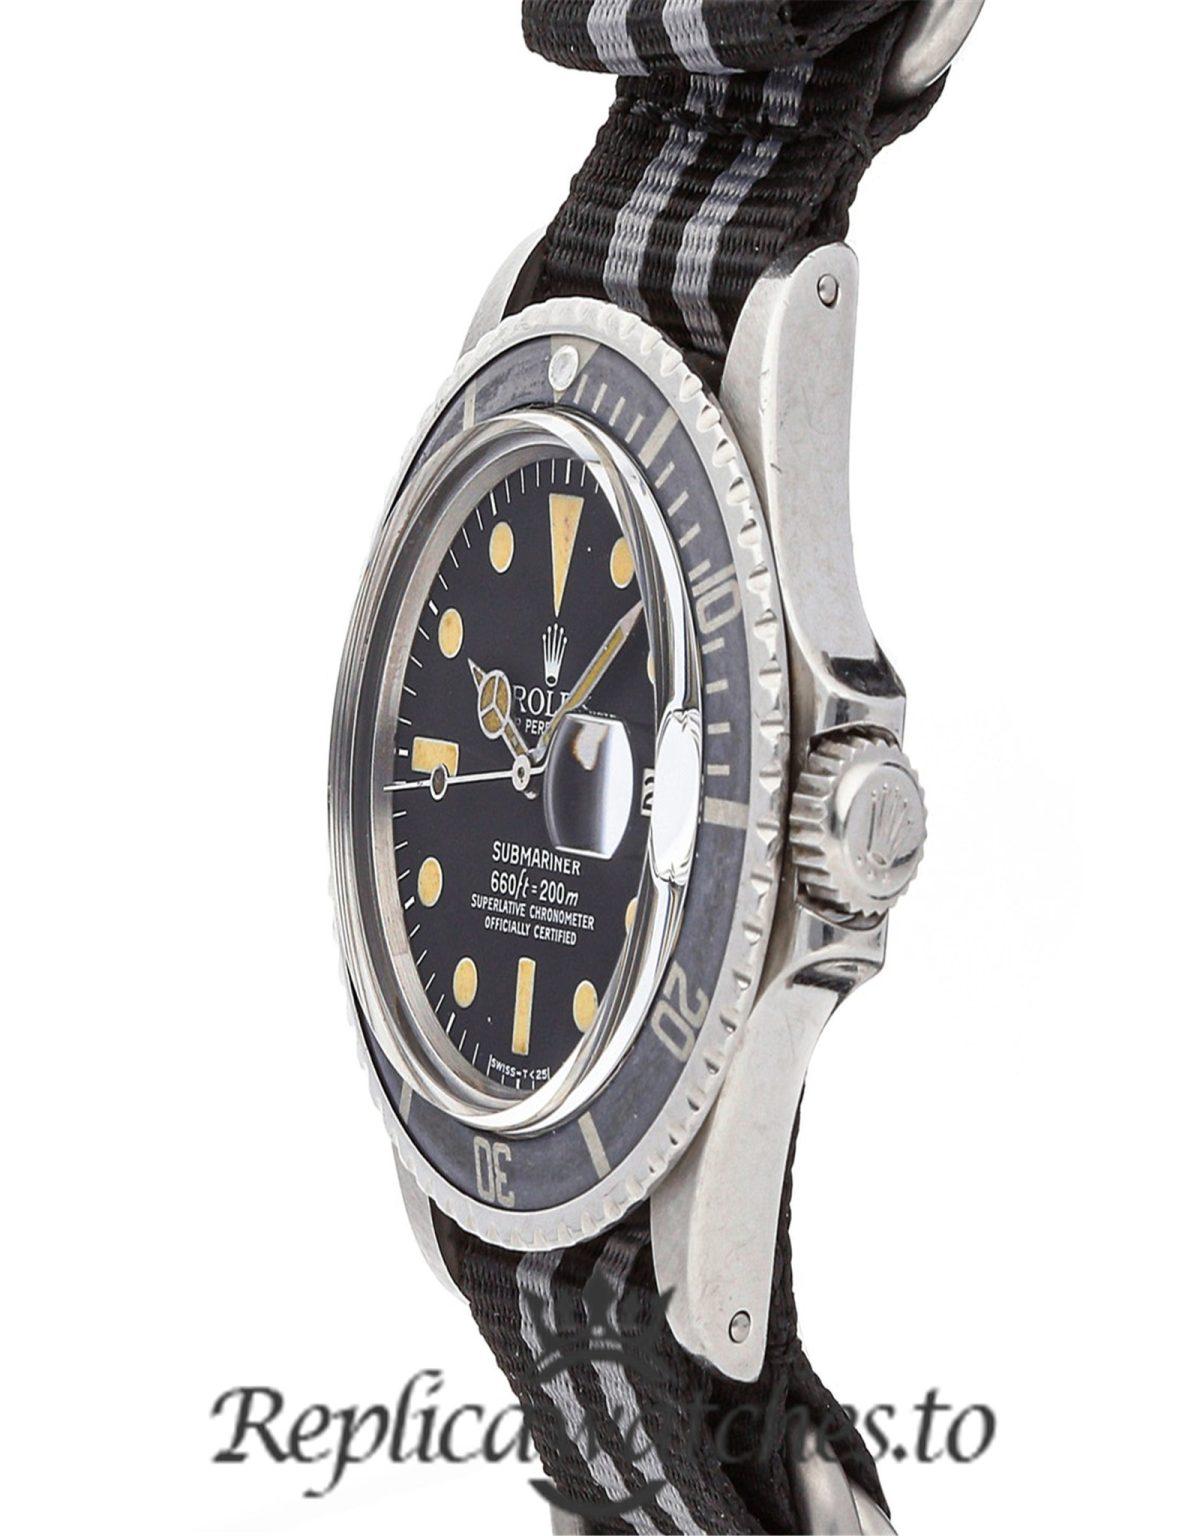 Rolex Submariner Replica 1680 001 Black Dial 40MM